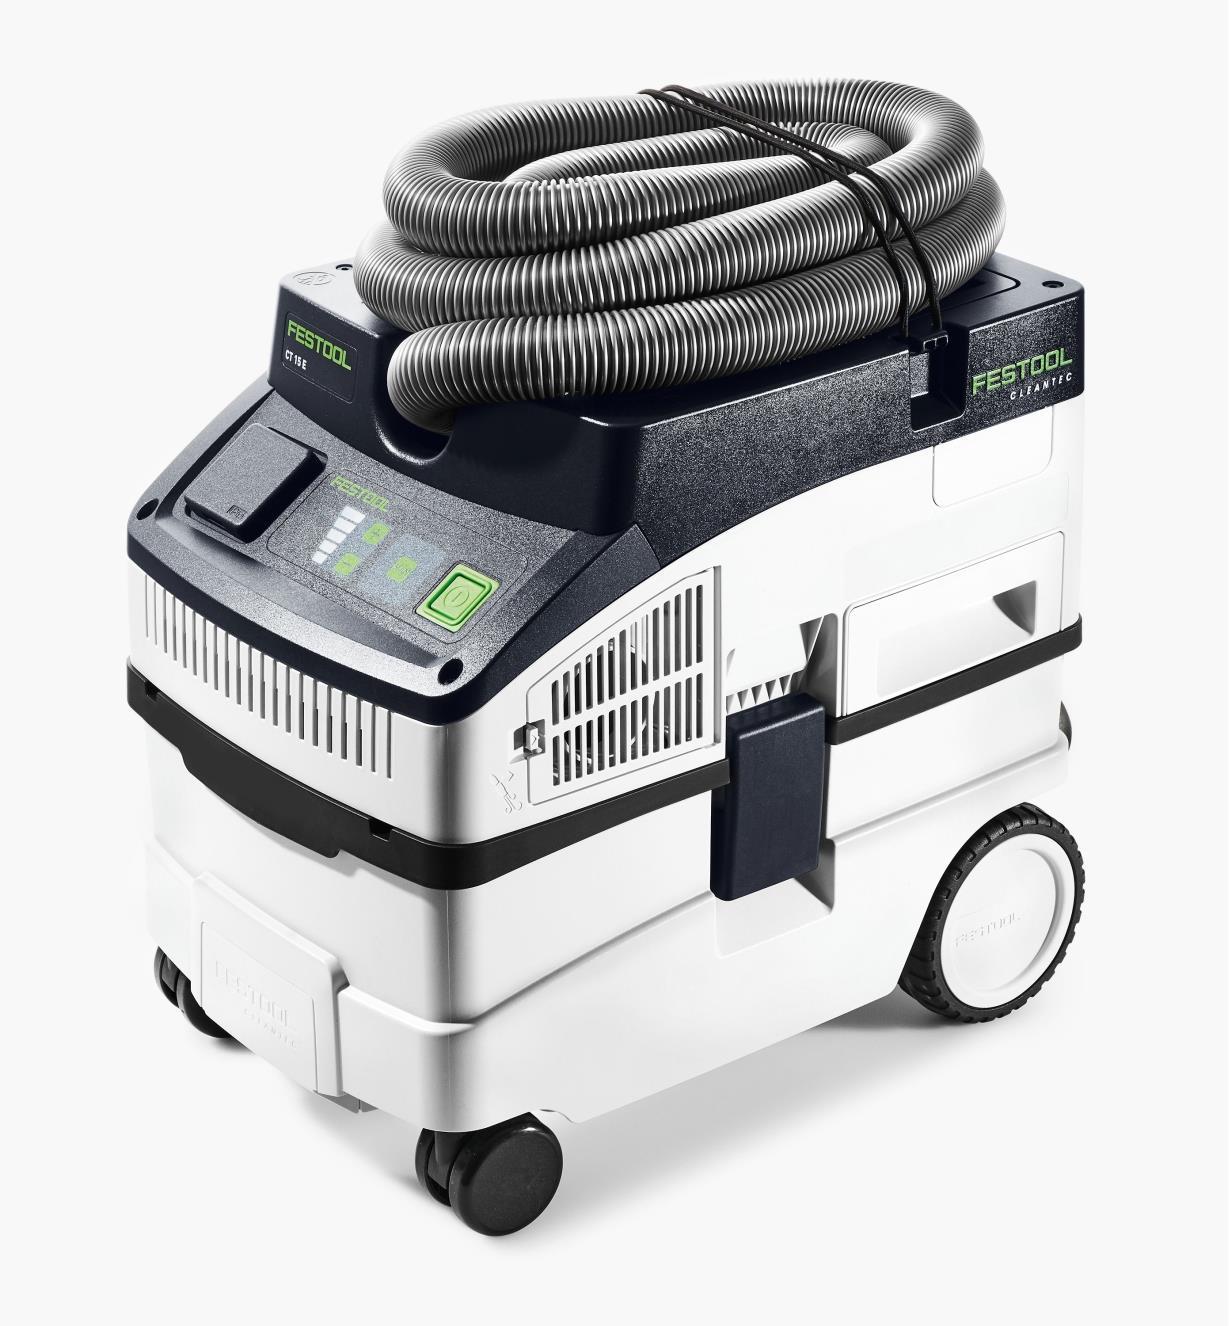 ZT574831 - Festool CT 15 E HEPA Dust Extractor